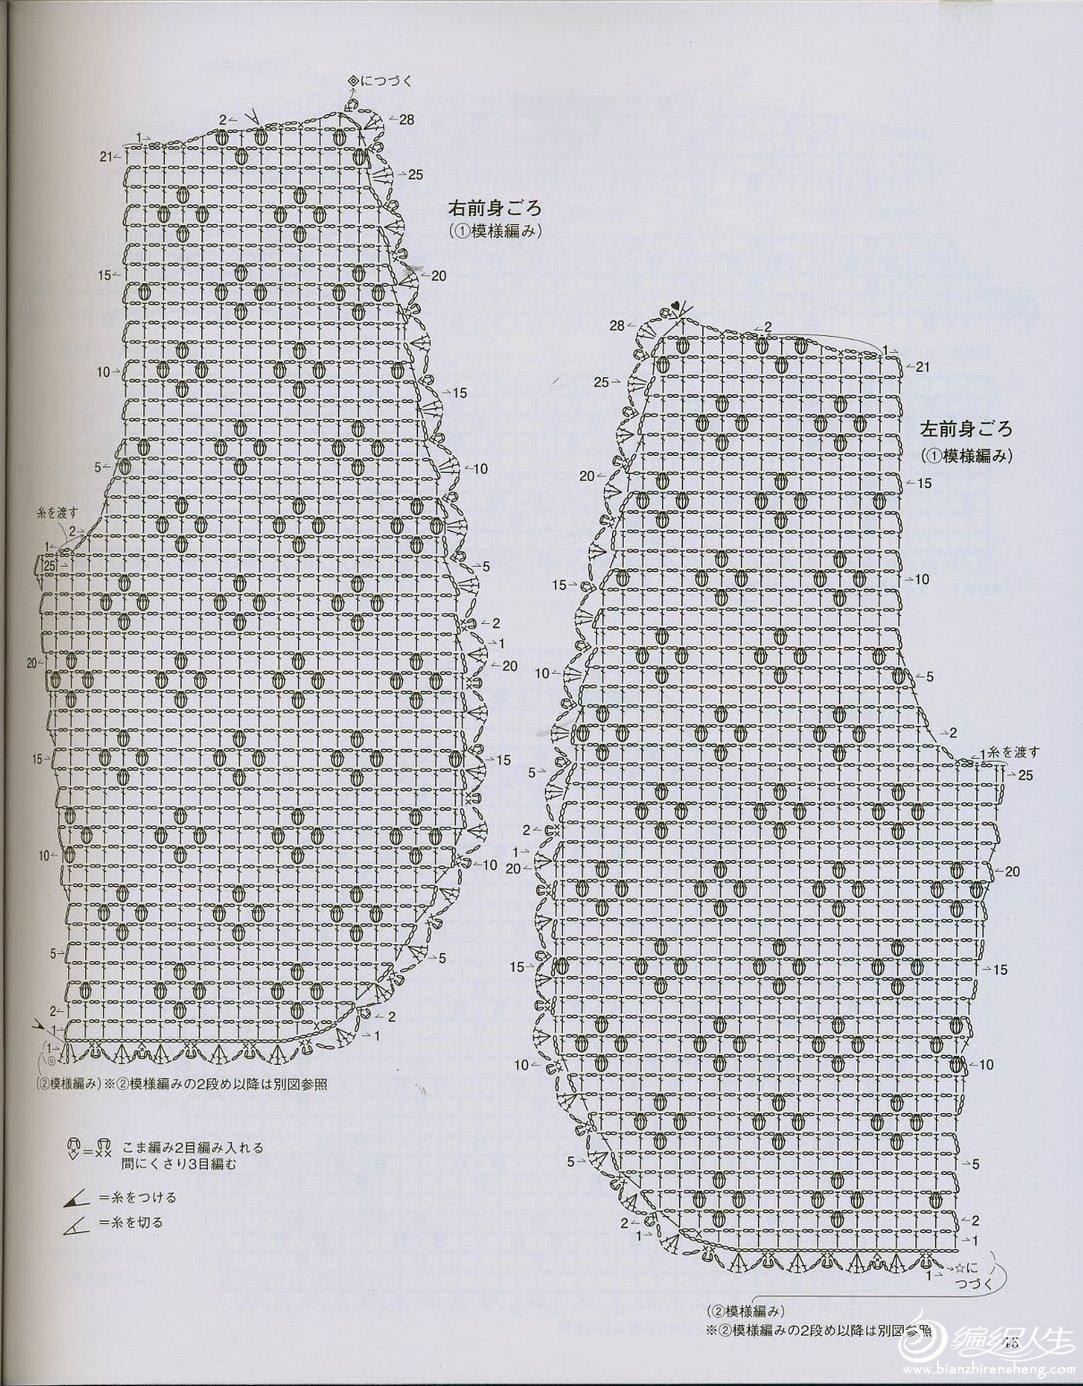 223-2.jpg